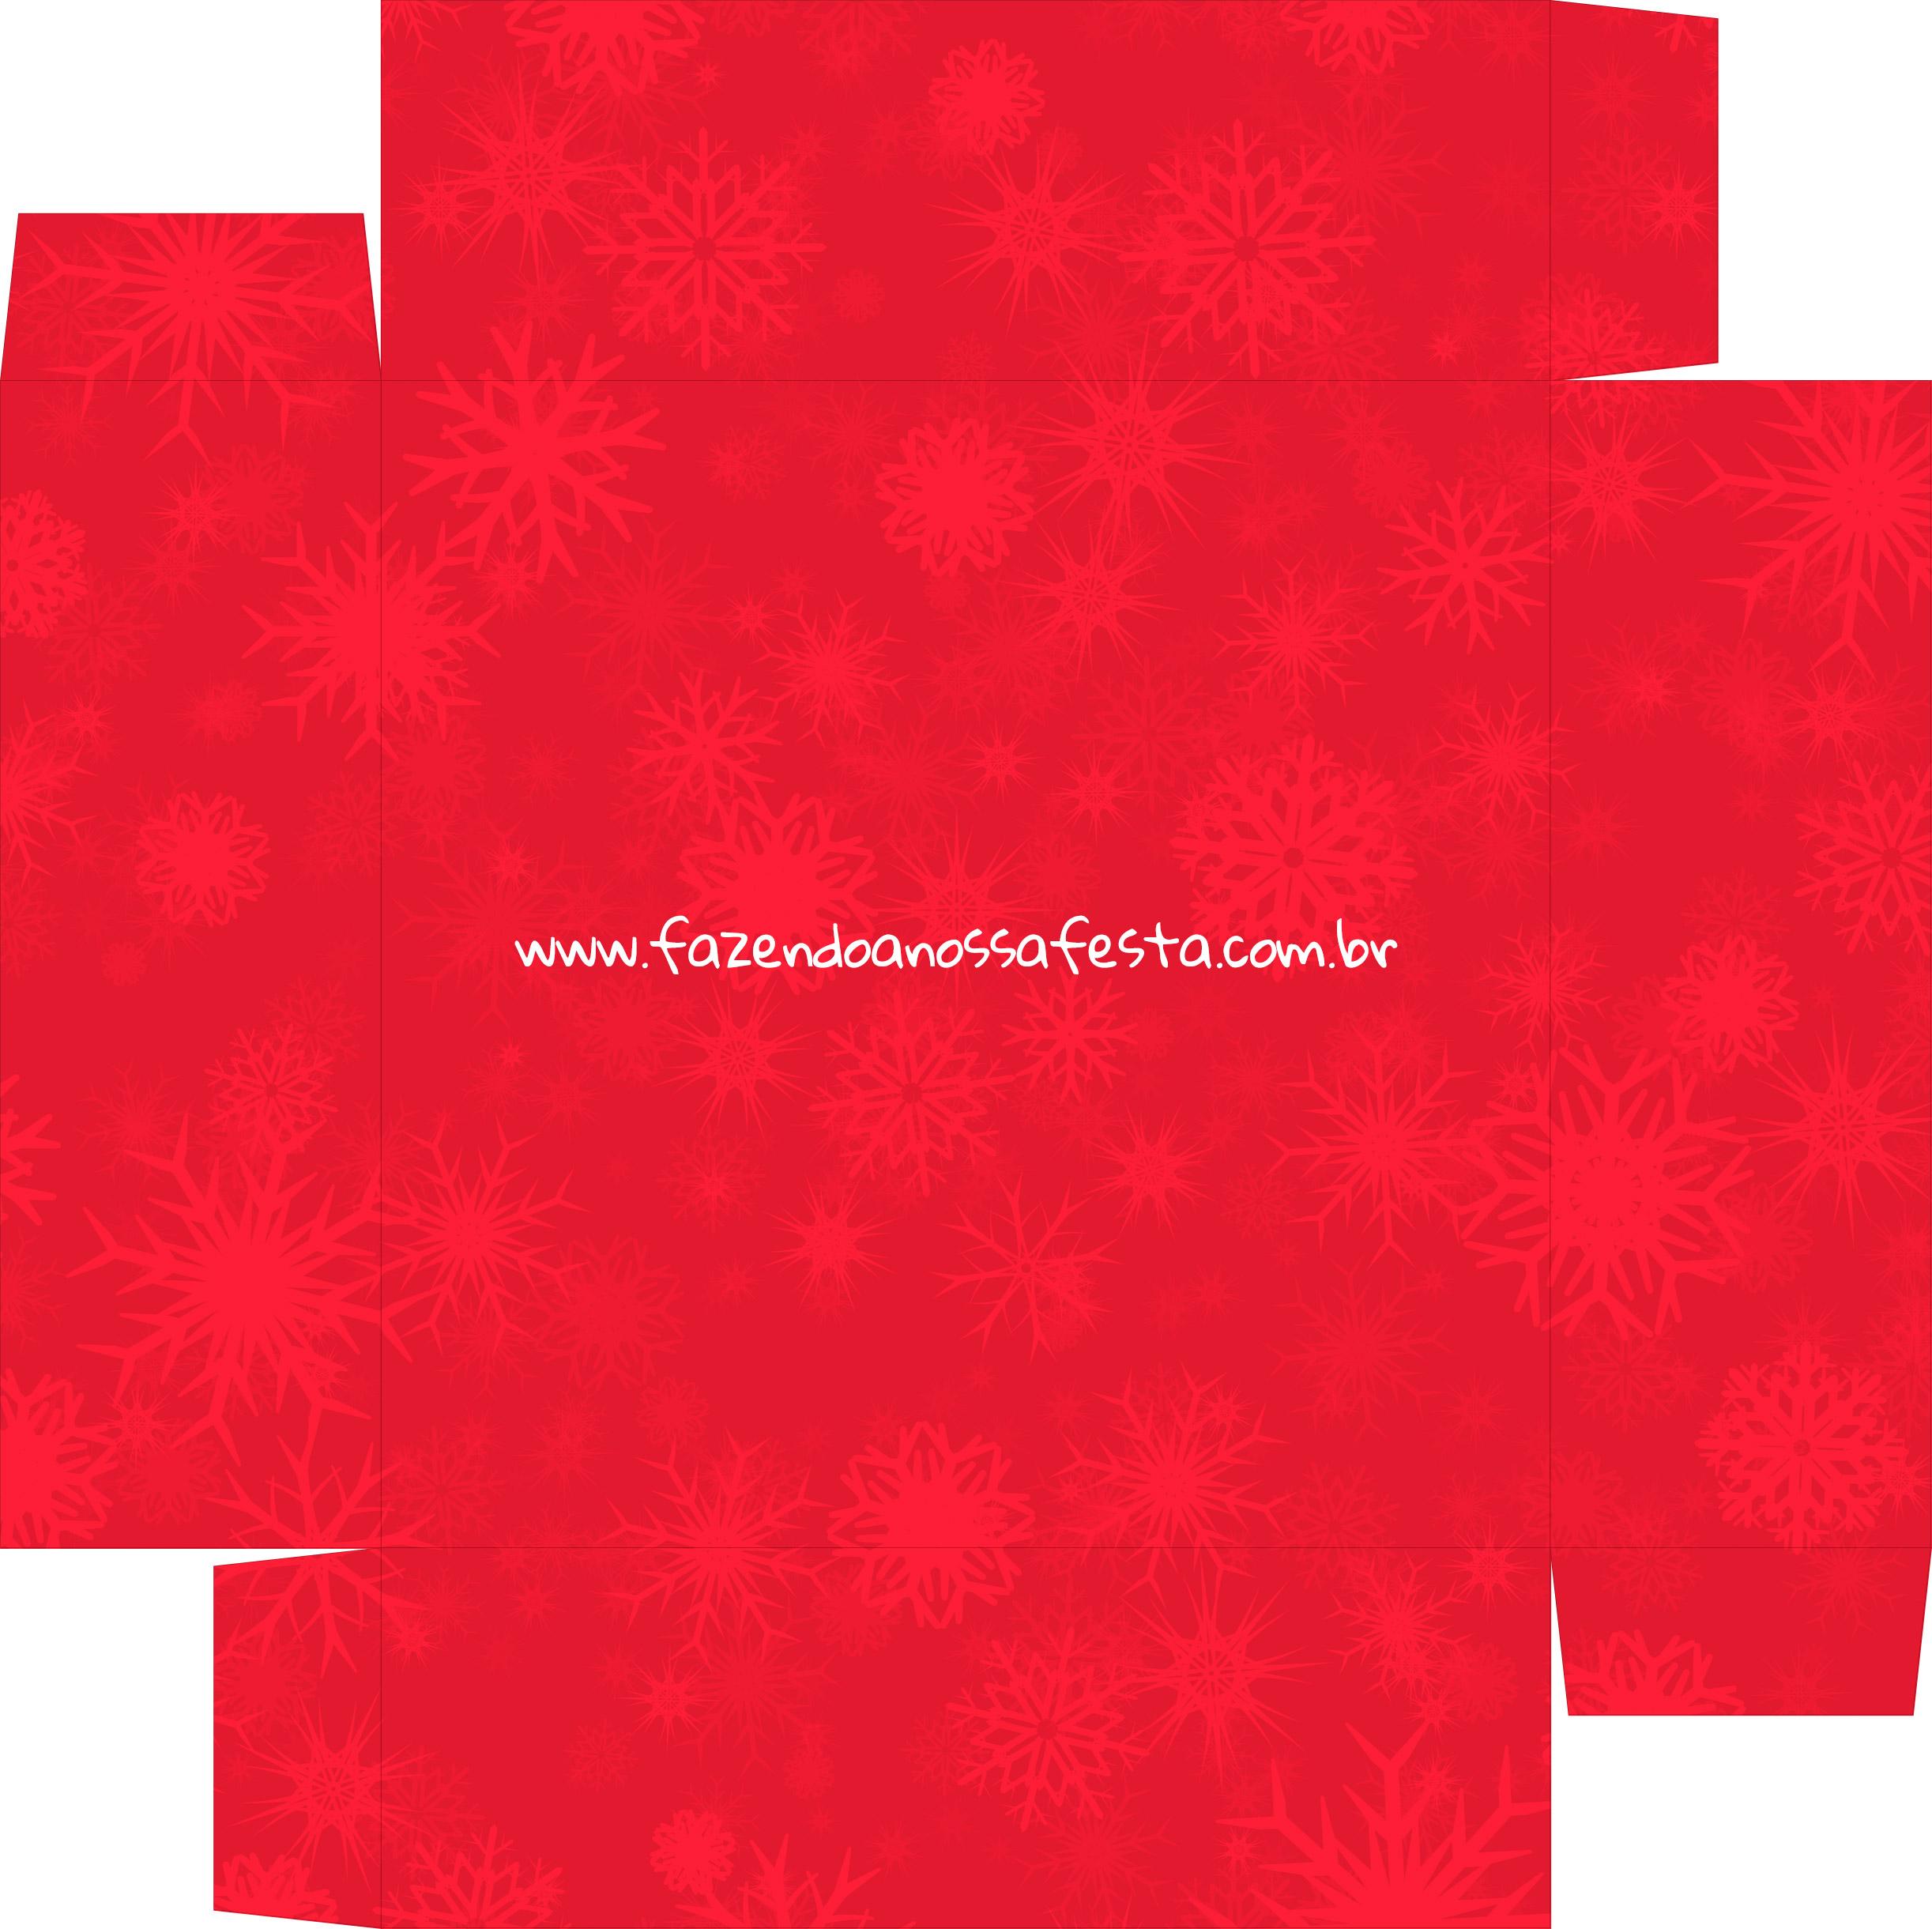 Caixa Bombom personalizada para Natal - parte de baixo